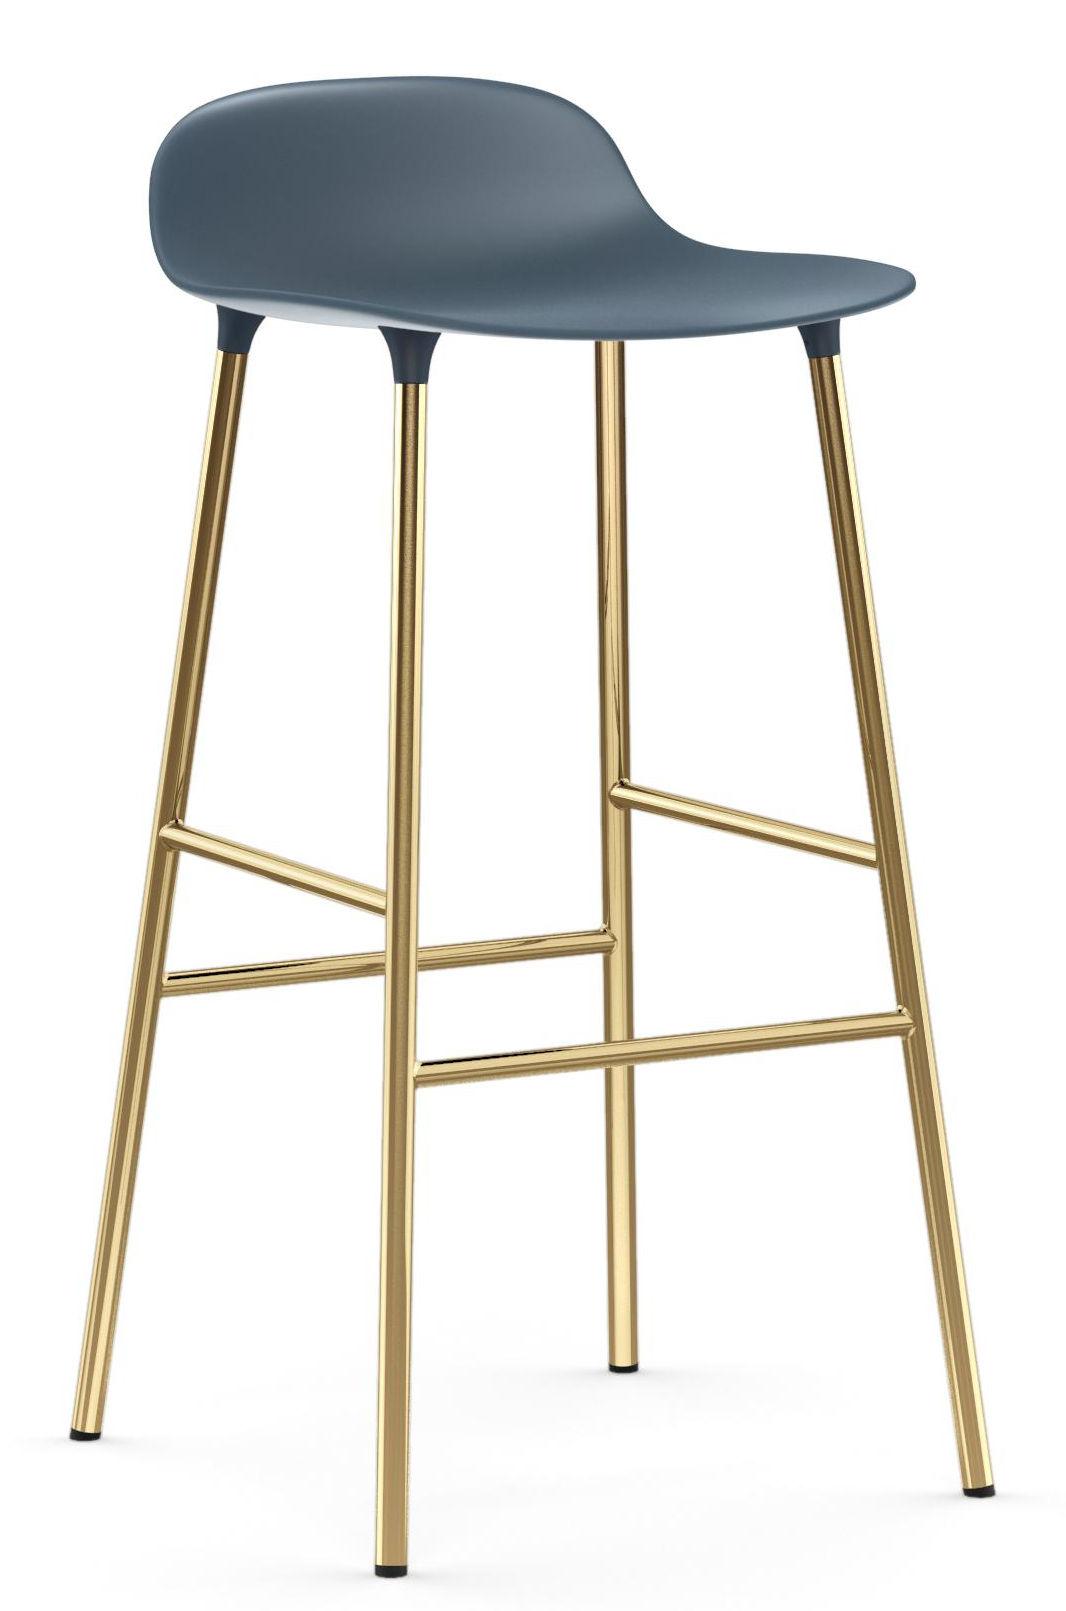 Furniture - Bar Stools - Form Bar stool - / H 75 cm – Brass foot by Normann Copenhagen - Blue / Brass - Brass plated steel, Polypropylene